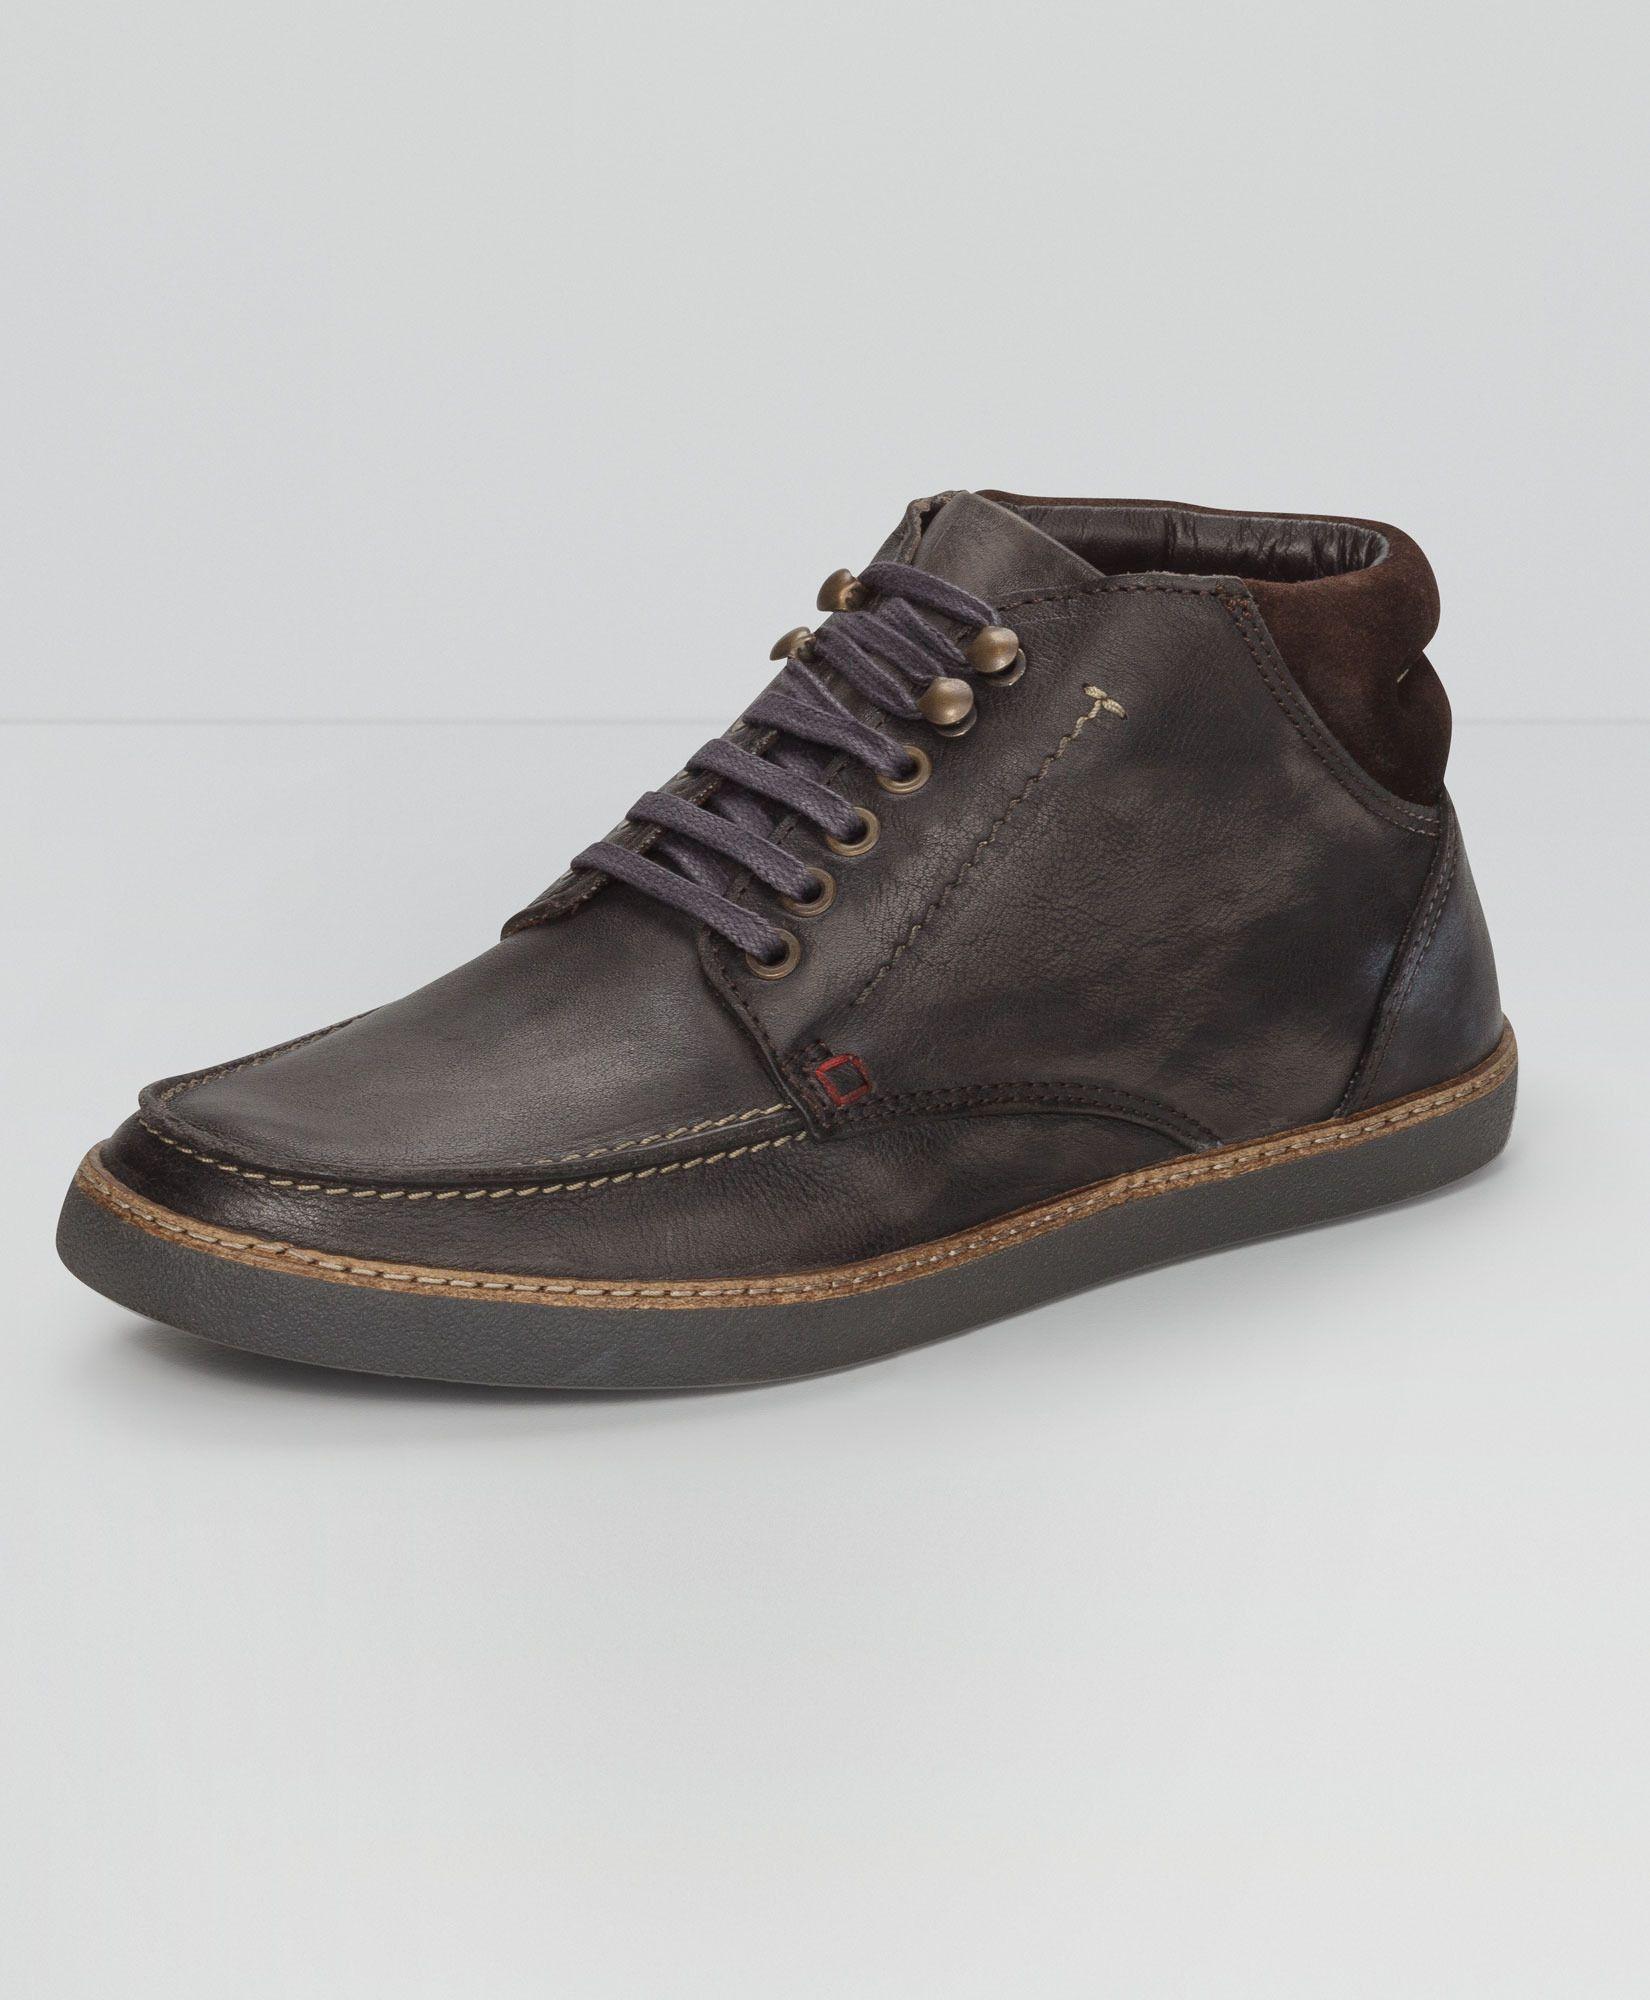 4c640de21b067 Levi's Leather Moc Boots - Grey - Accessories & Shoes | Him | Boots ...